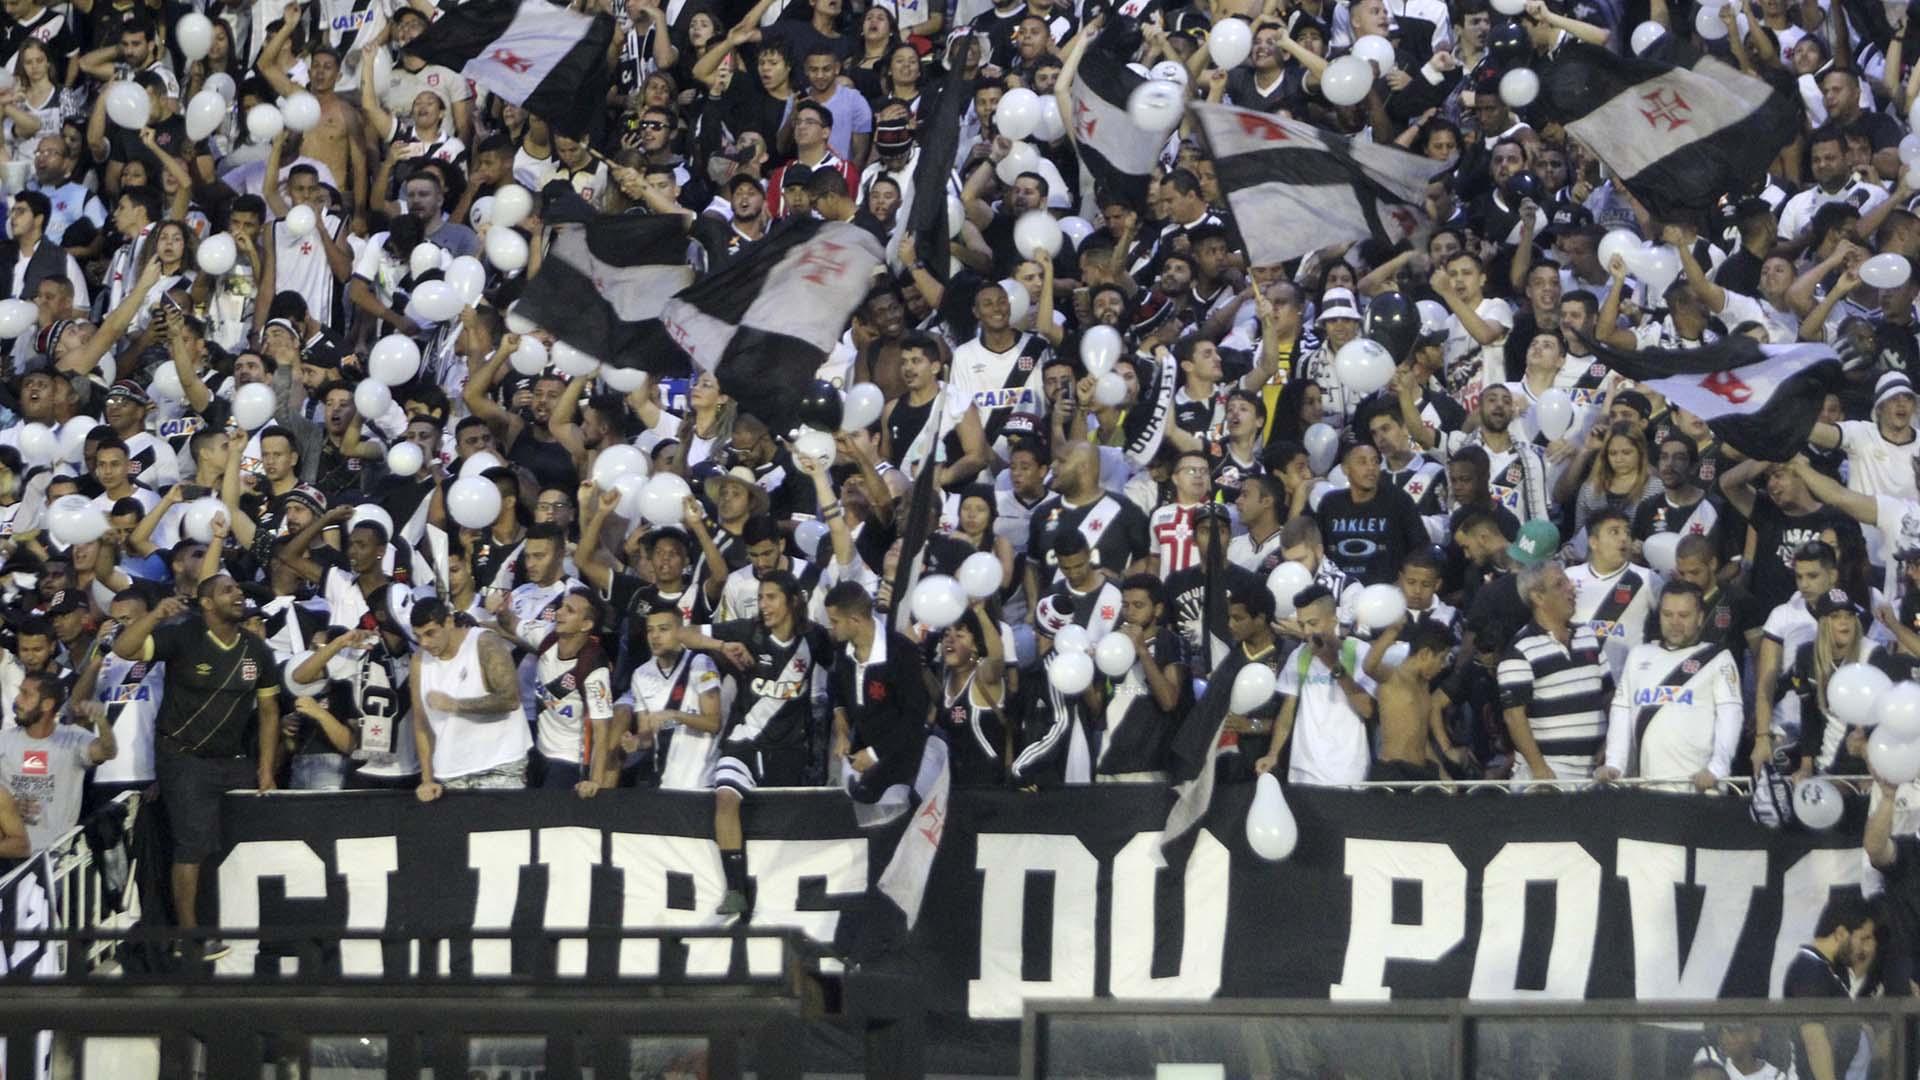 Torcida Vasco x Flamengo São Januário Brasileirão 08 07 17